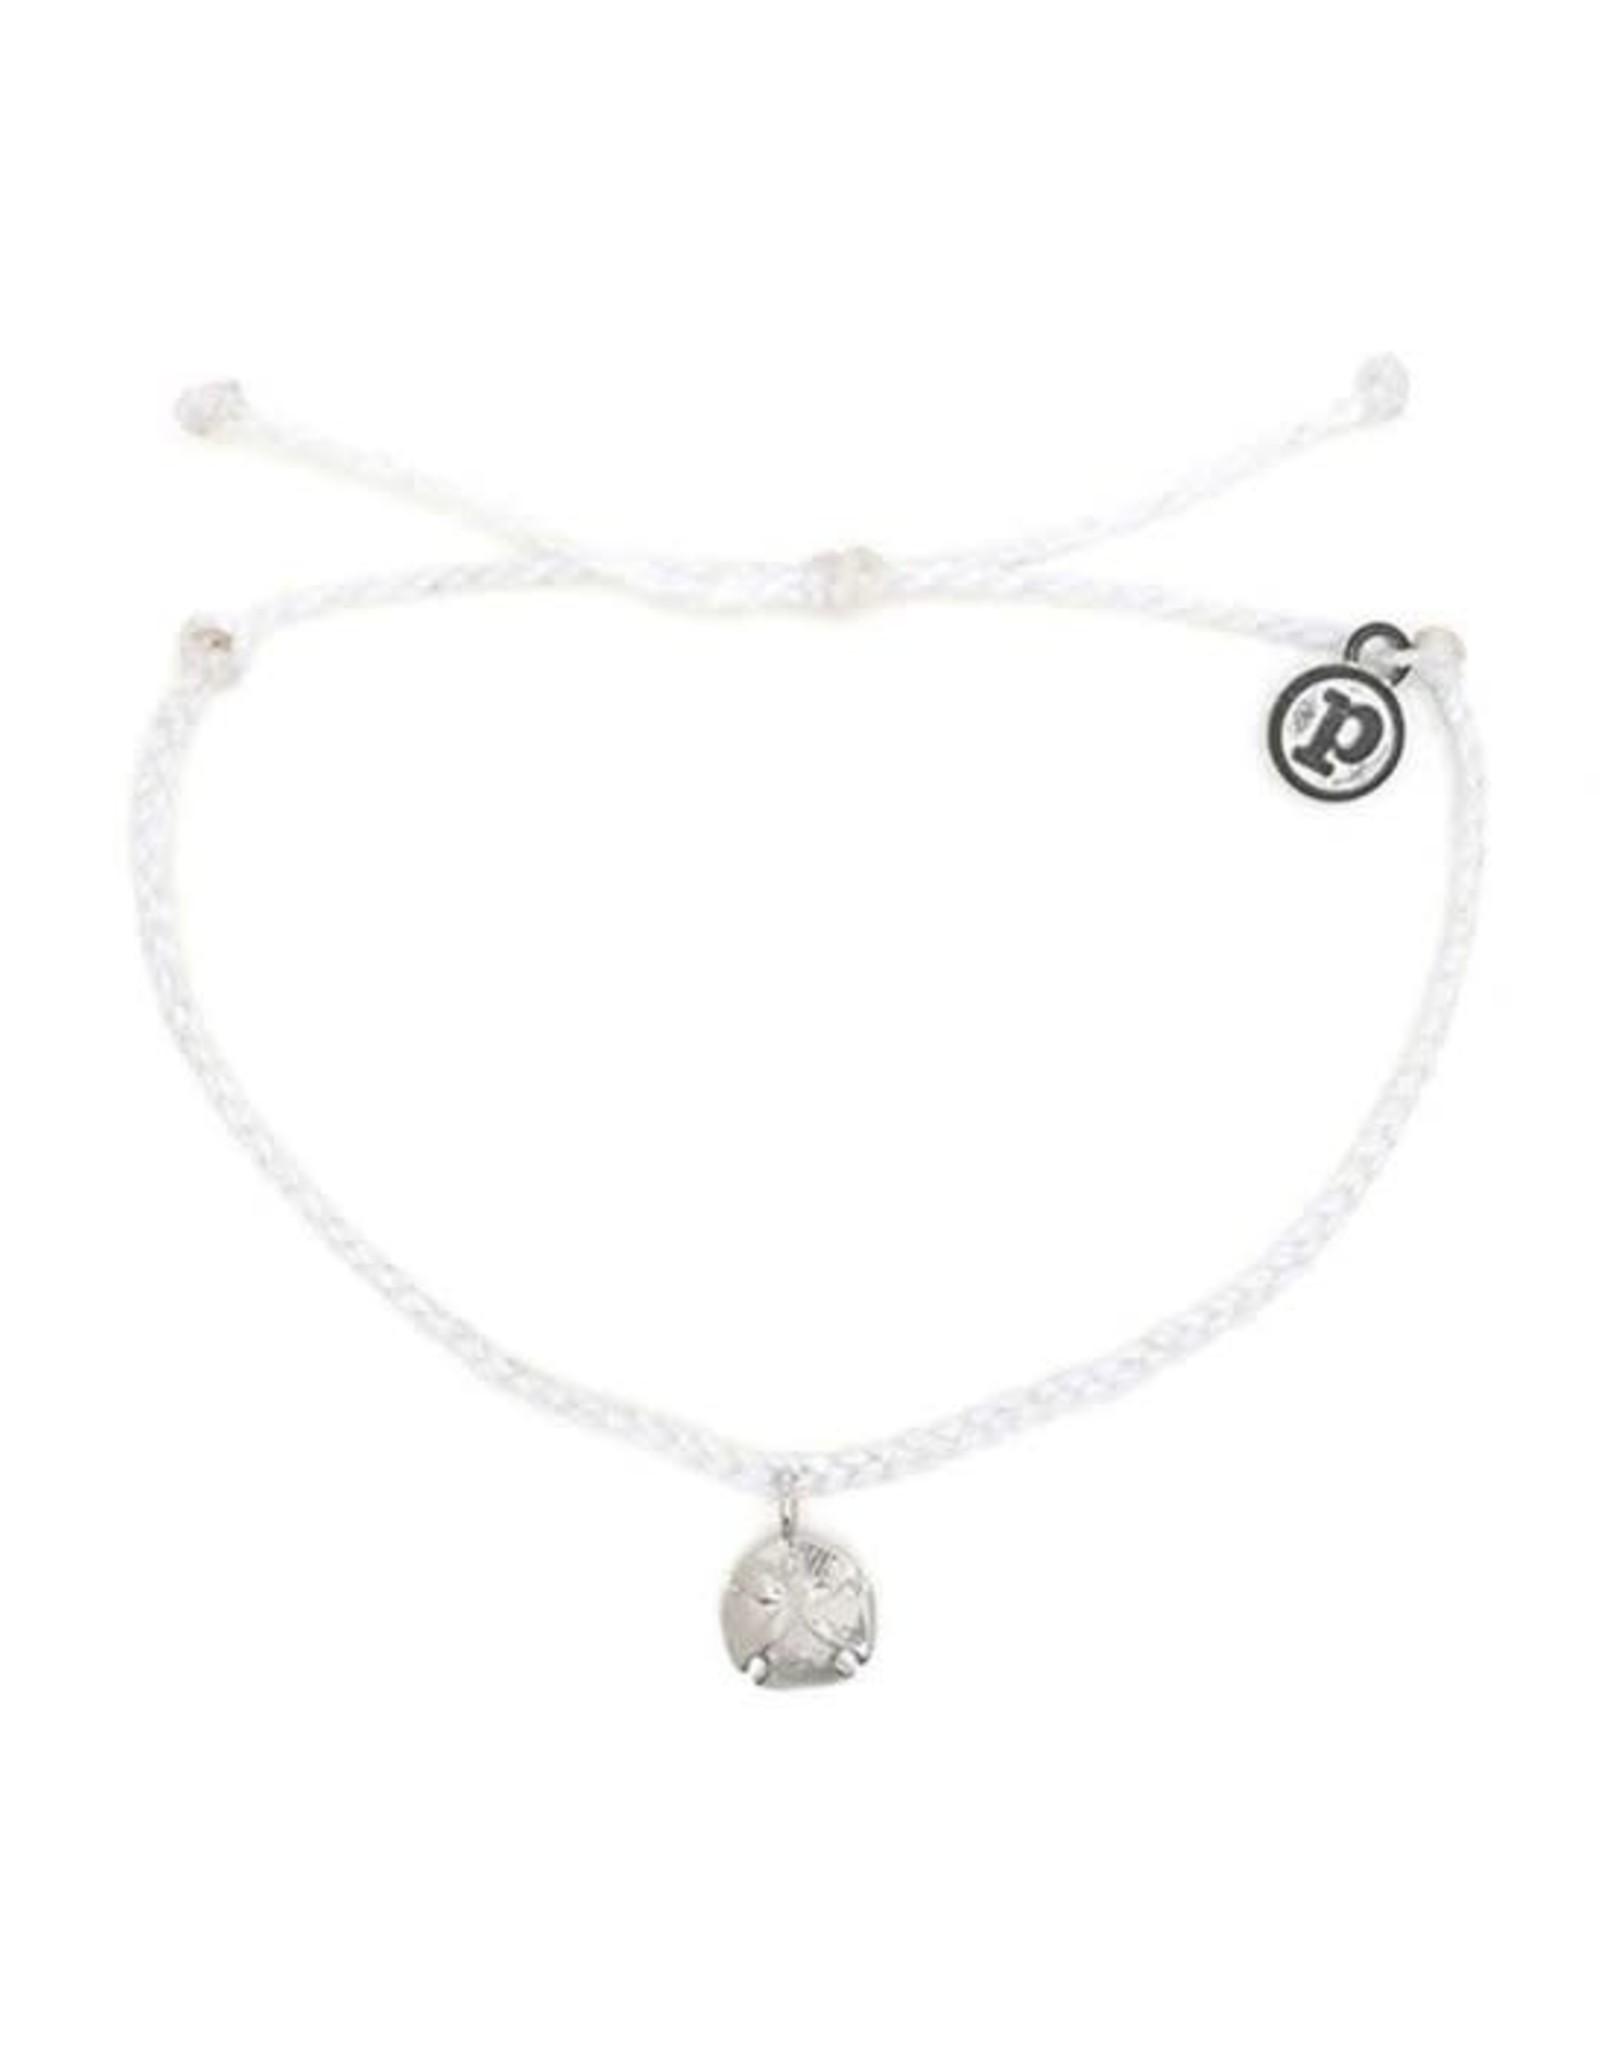 SILVER SAND DOLLAR Bracelet, WHITE